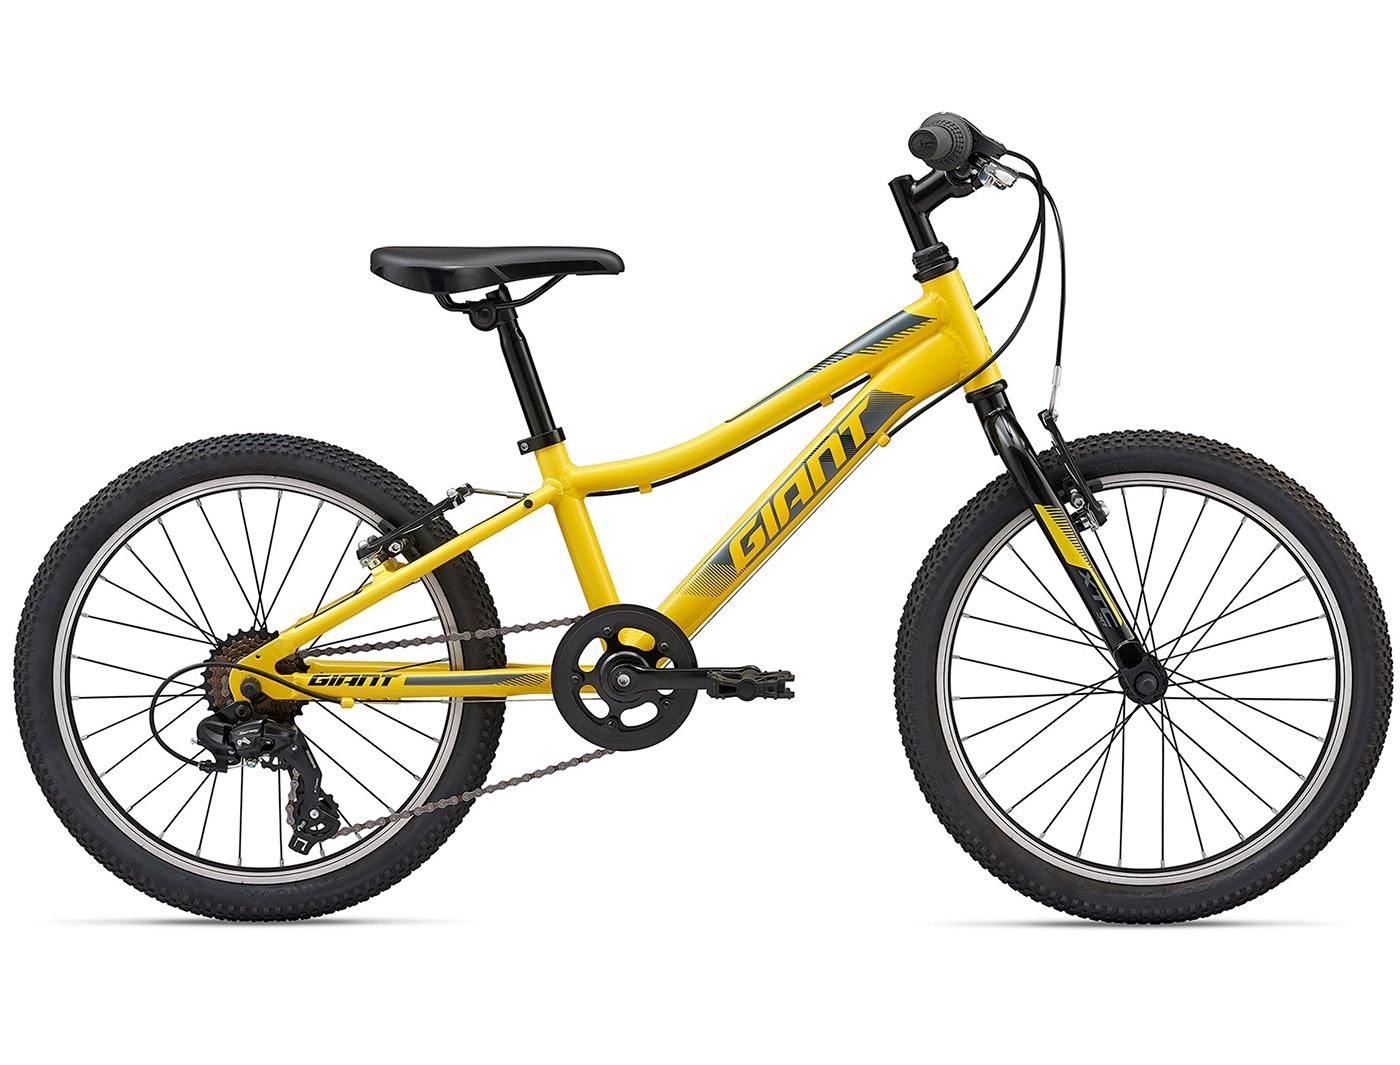 Велосипед Giant XtC Jr 20 Lite (2020) (Лимонный желтый)